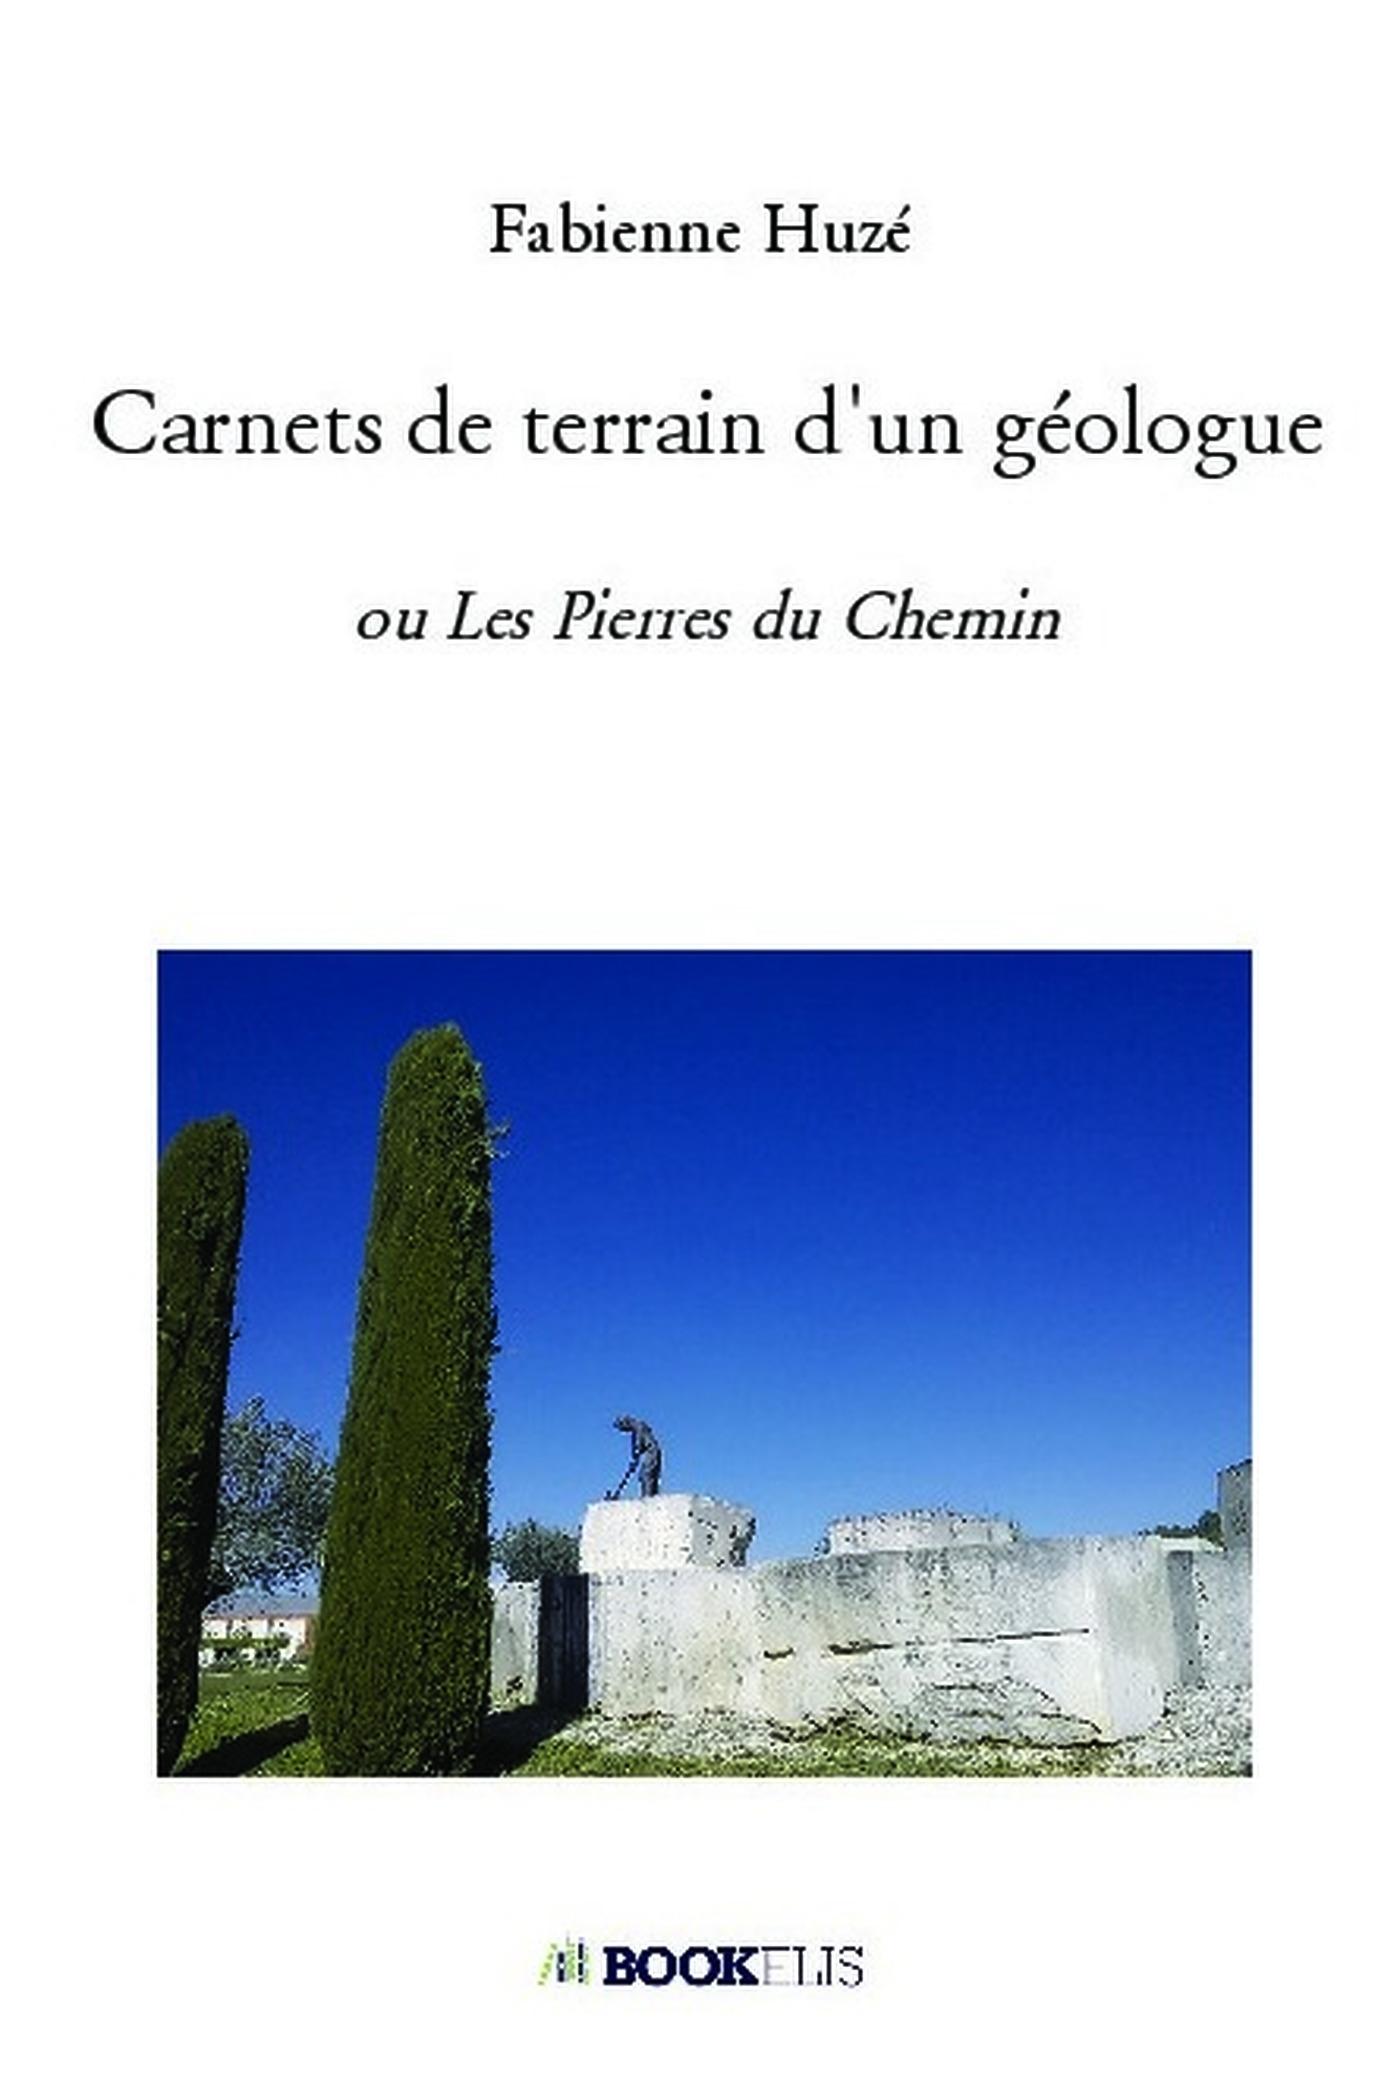 CARNETS DE TERRAIN D'UN GEOLOGUE